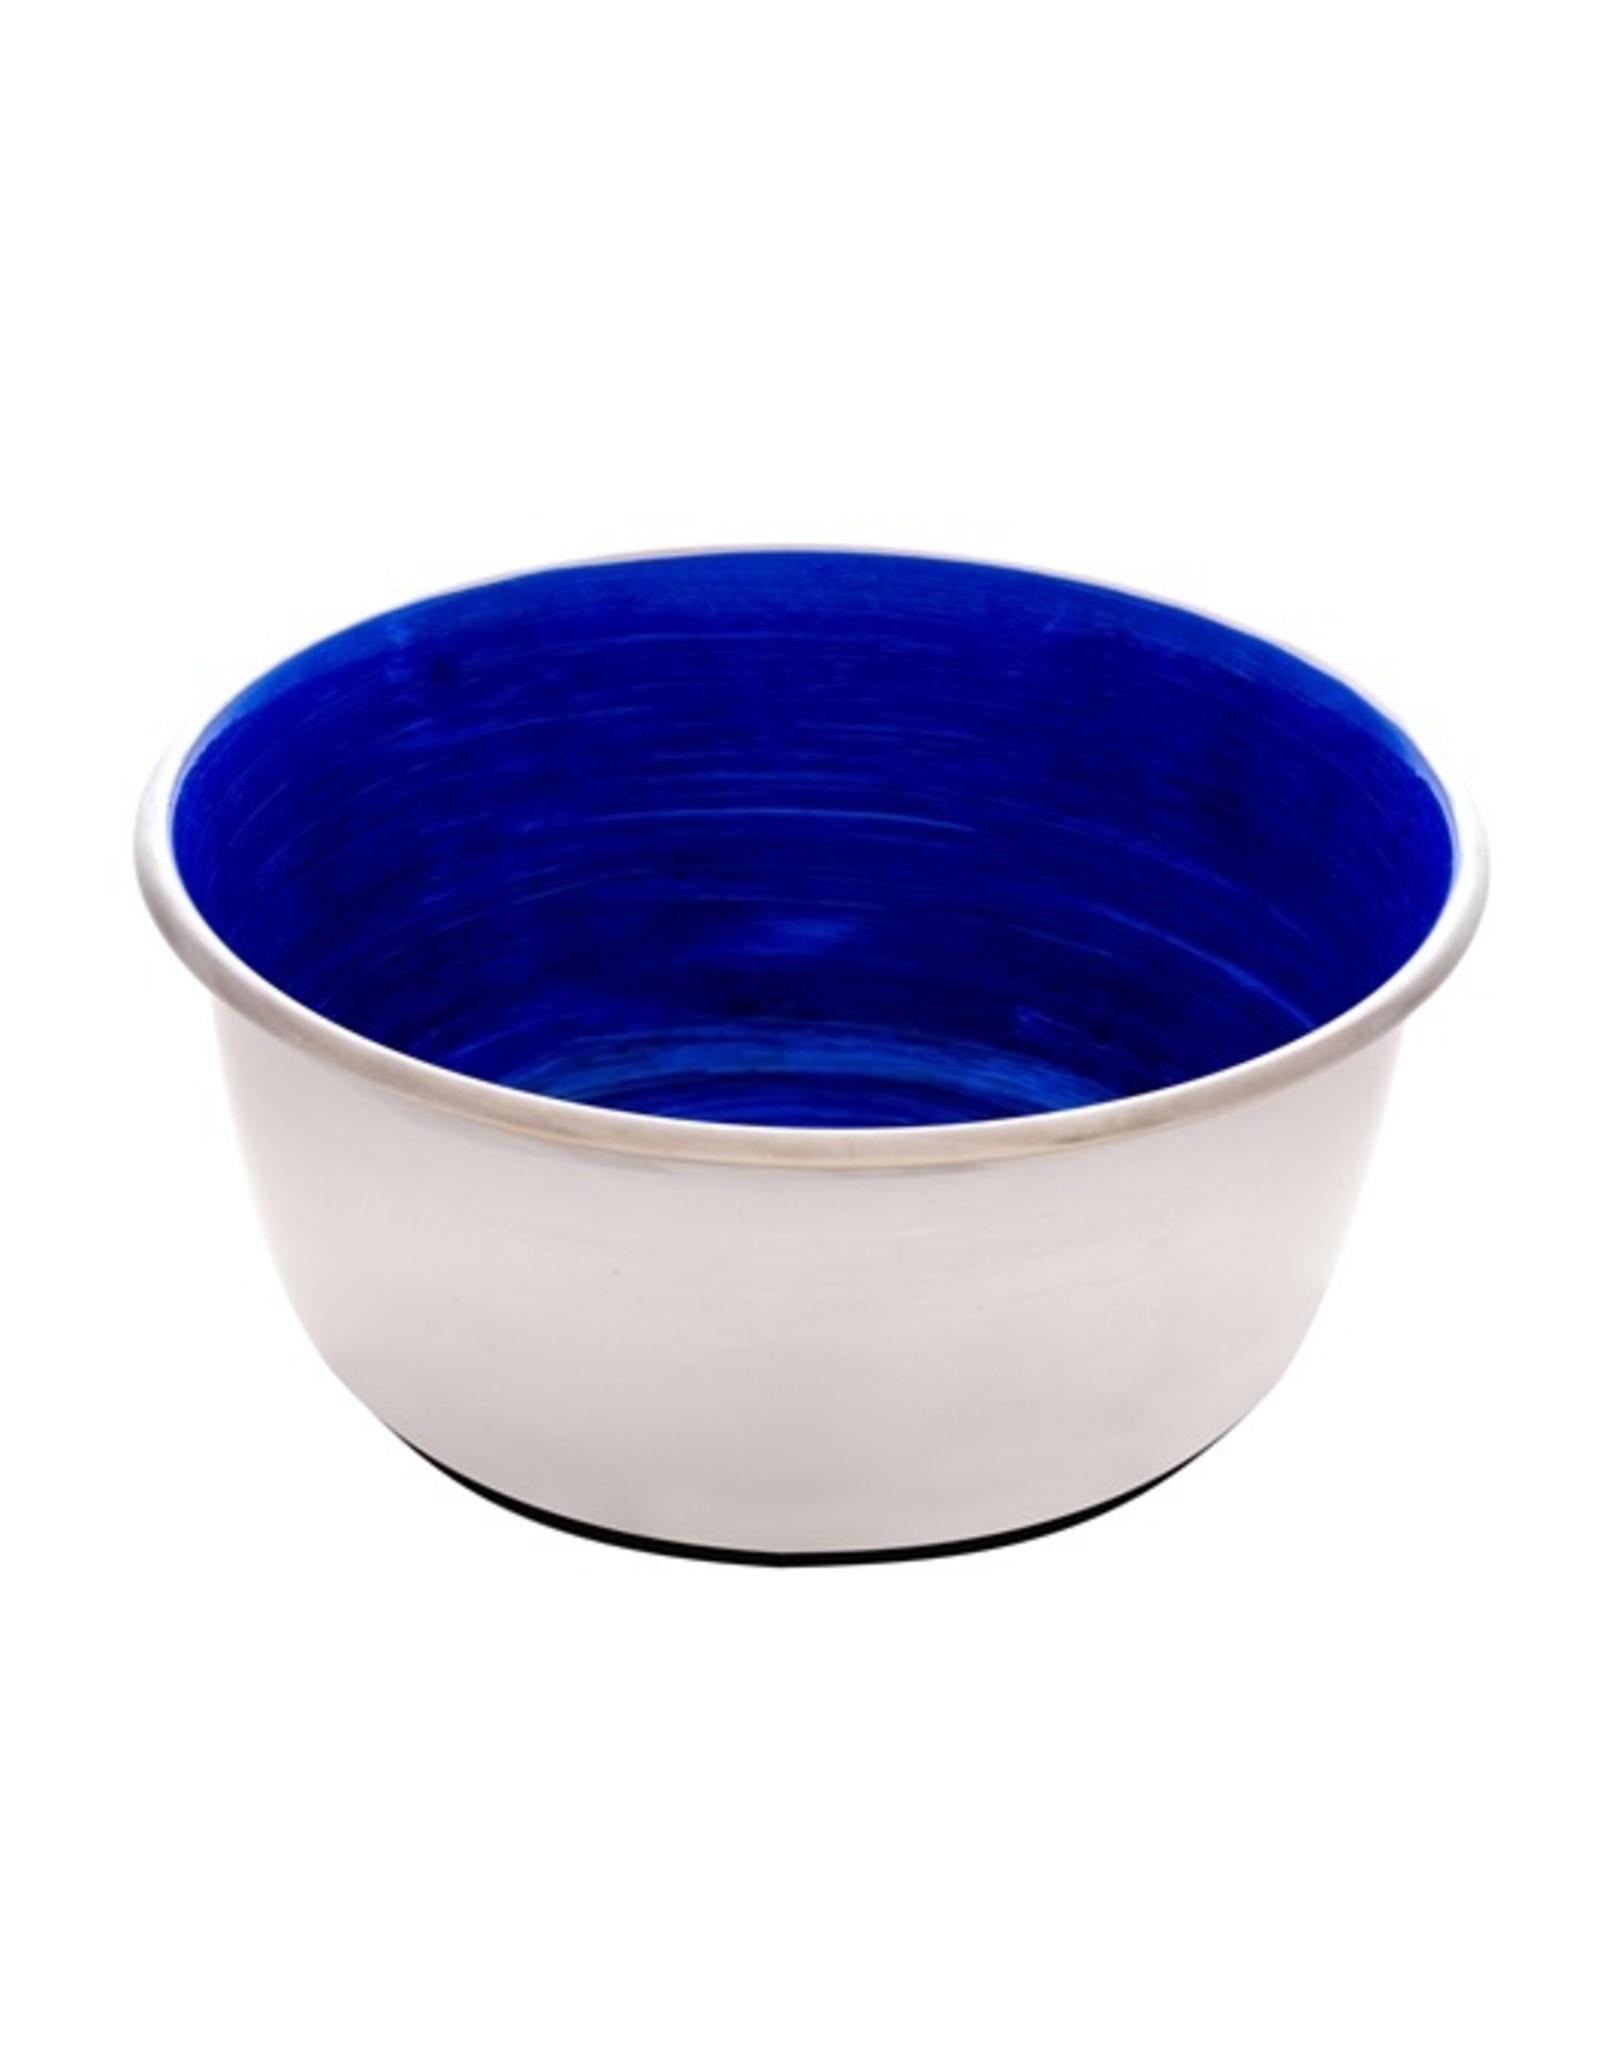 DogIt Stainless Steel Non-Skid Bowl Blue Swirl 500ml